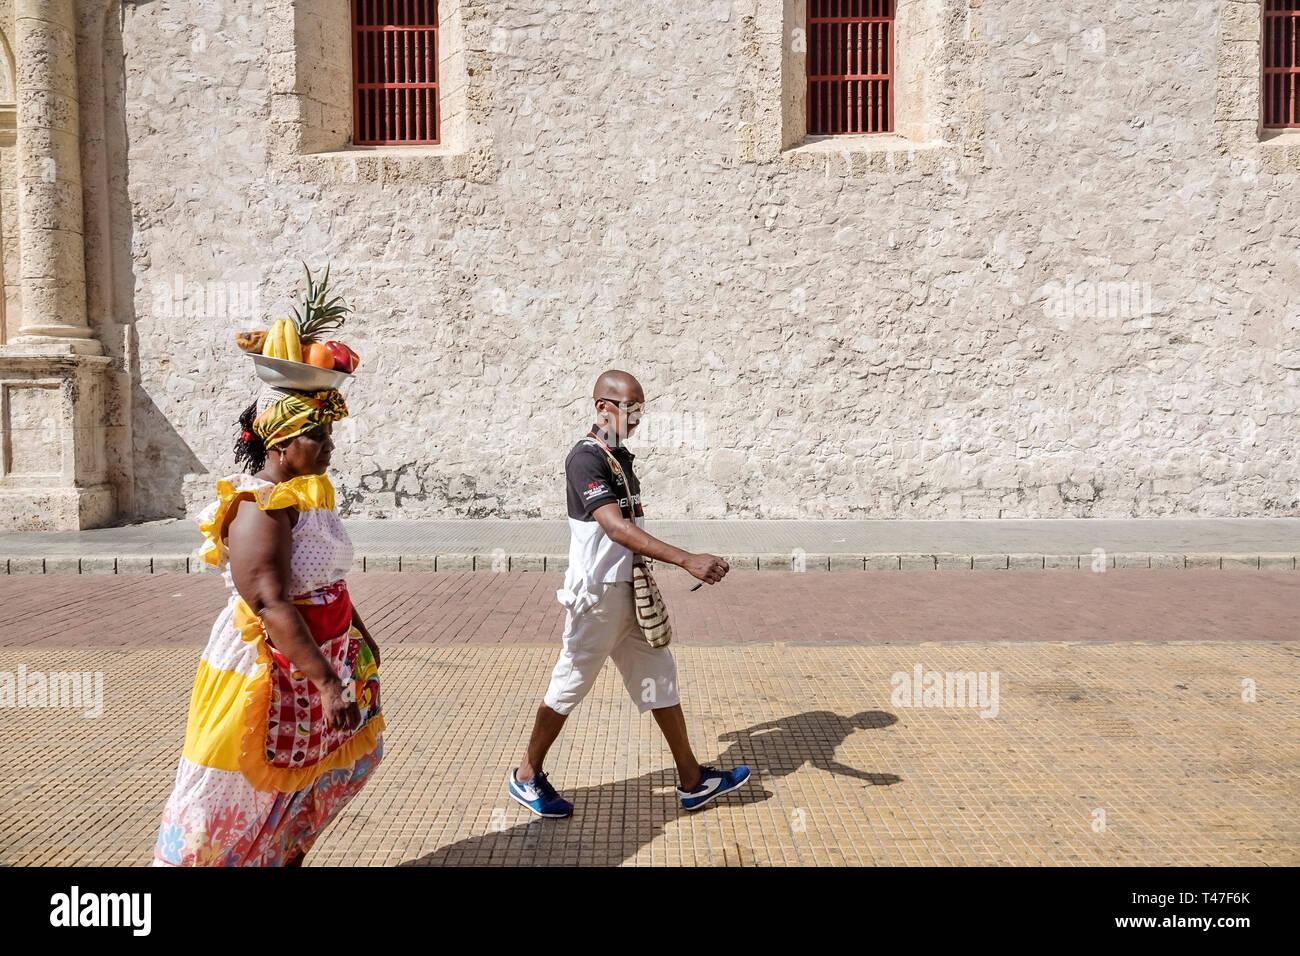 Cartagena Colombia el centro de la ciudad amurallada vieja Centro Afro-caribeño negra Palenquera mujer traje tradicional proveedor de fruta símbolo del patrimonio cultural Imagen De Stock